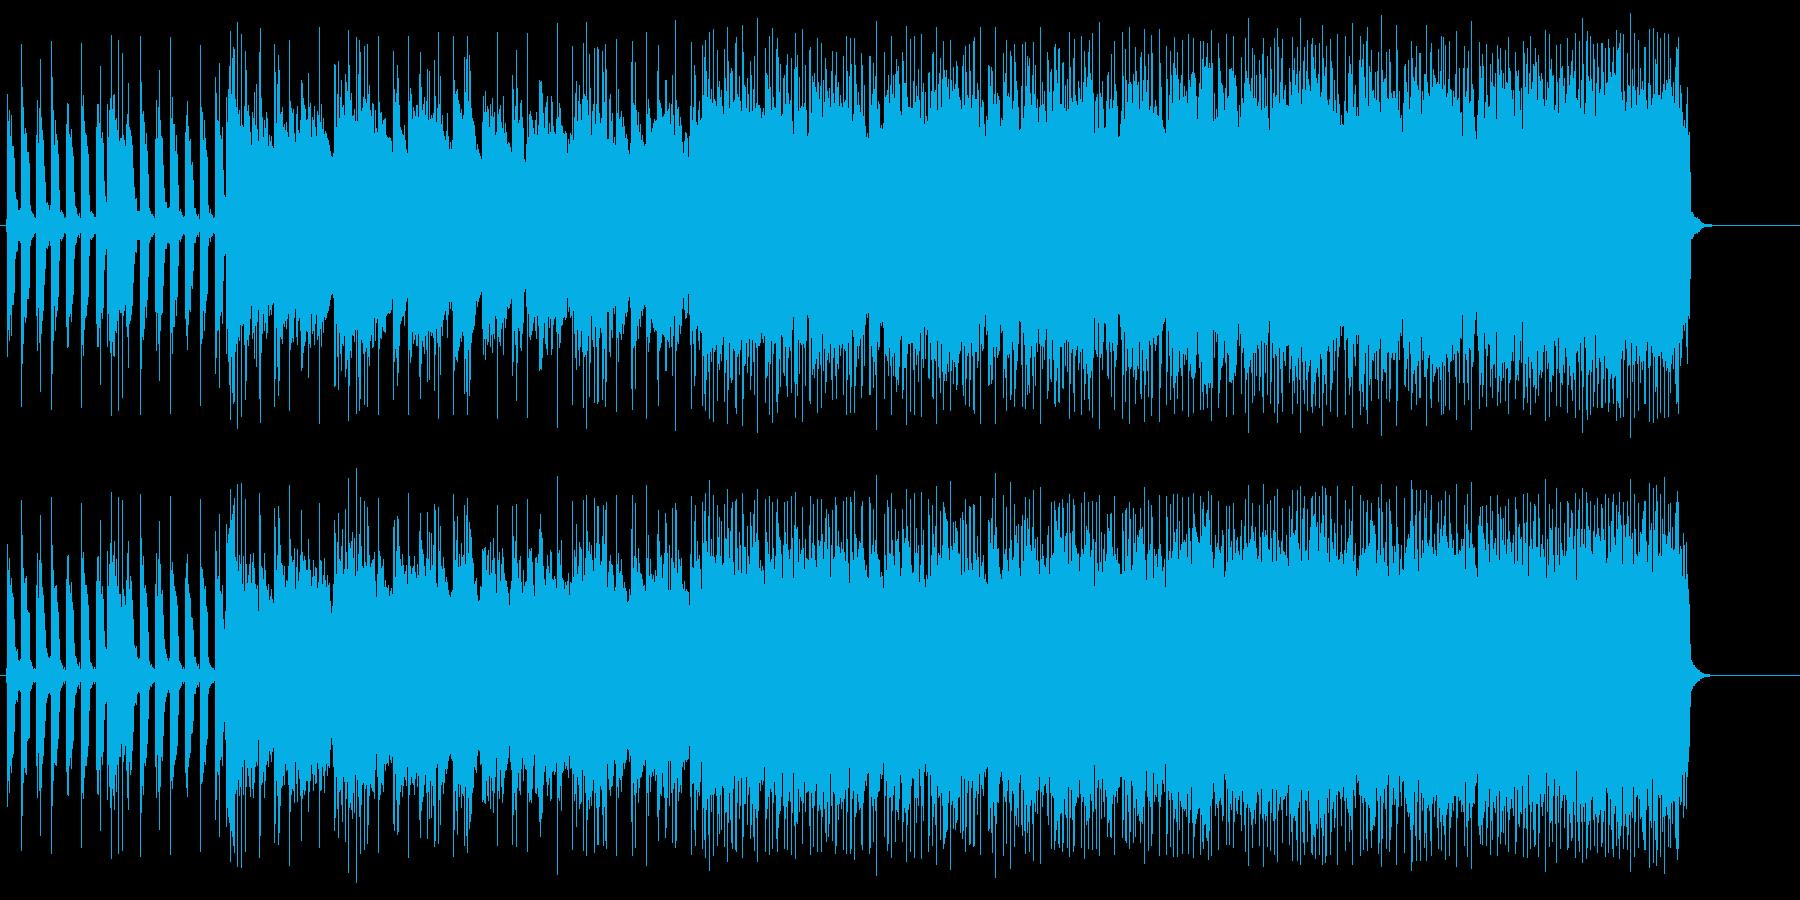 ヘヴィなギターがドライヴするハードロックの再生済みの波形